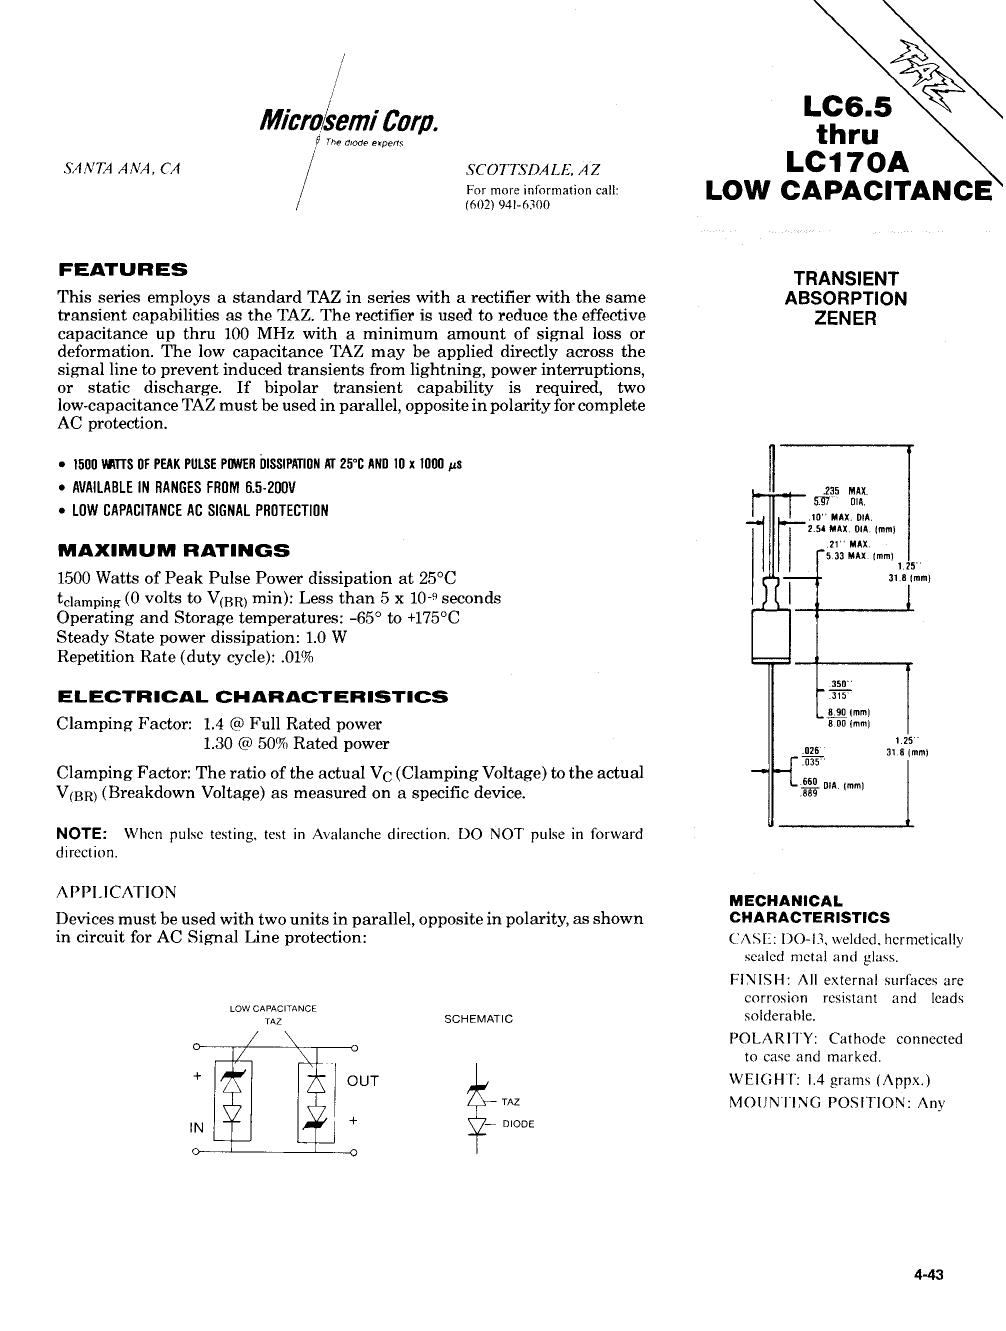 LC110 datasheet